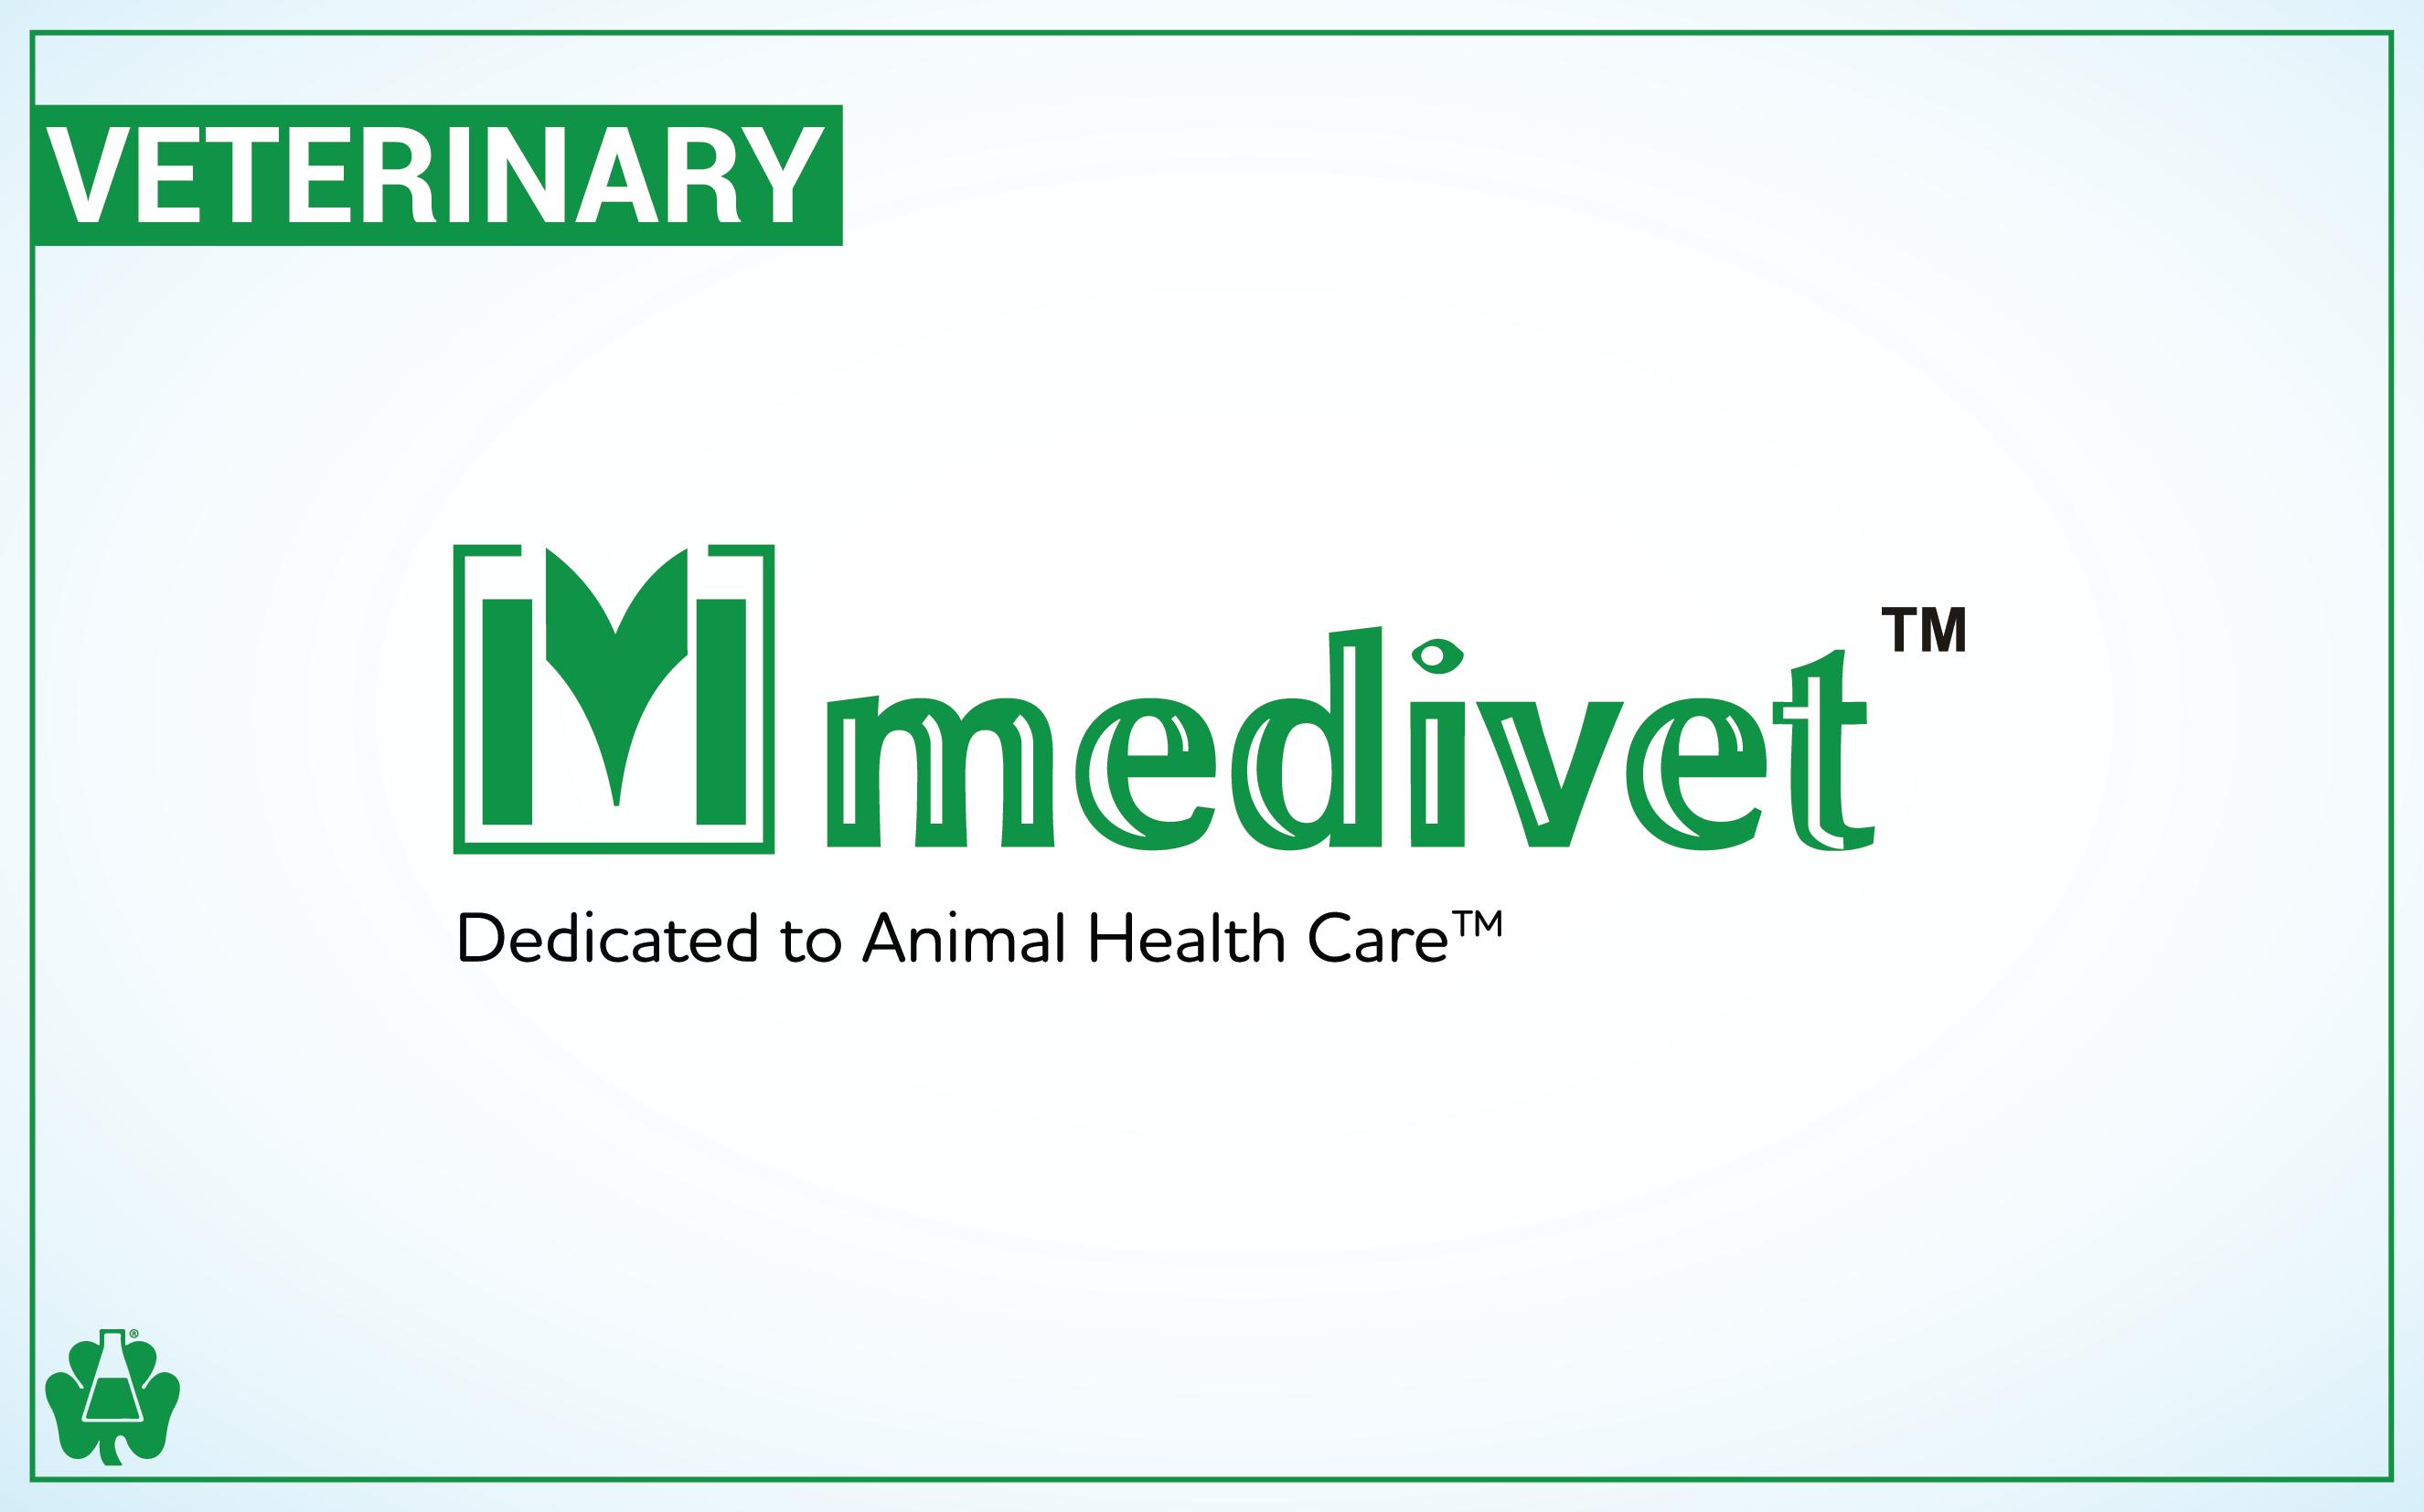 MEDIVET-02